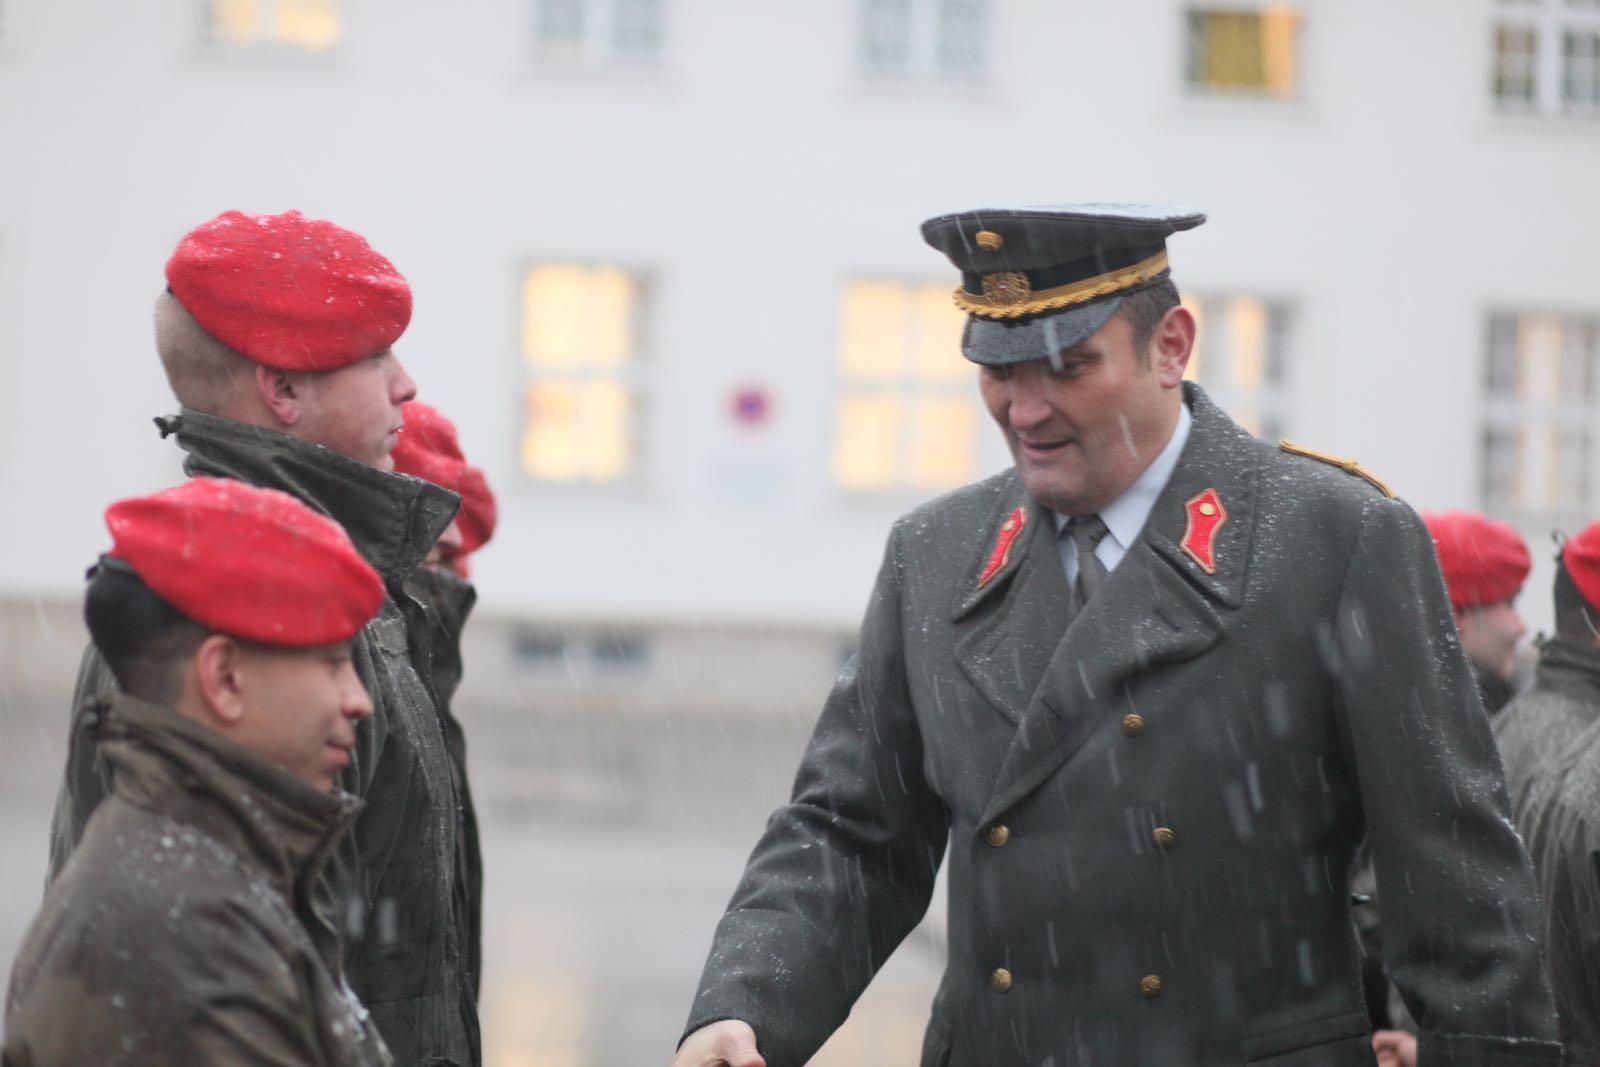 2019_01_18_5Gardekompanie_EVB_EUFOR_Verabschiedung_Einsatz - 23 of 24